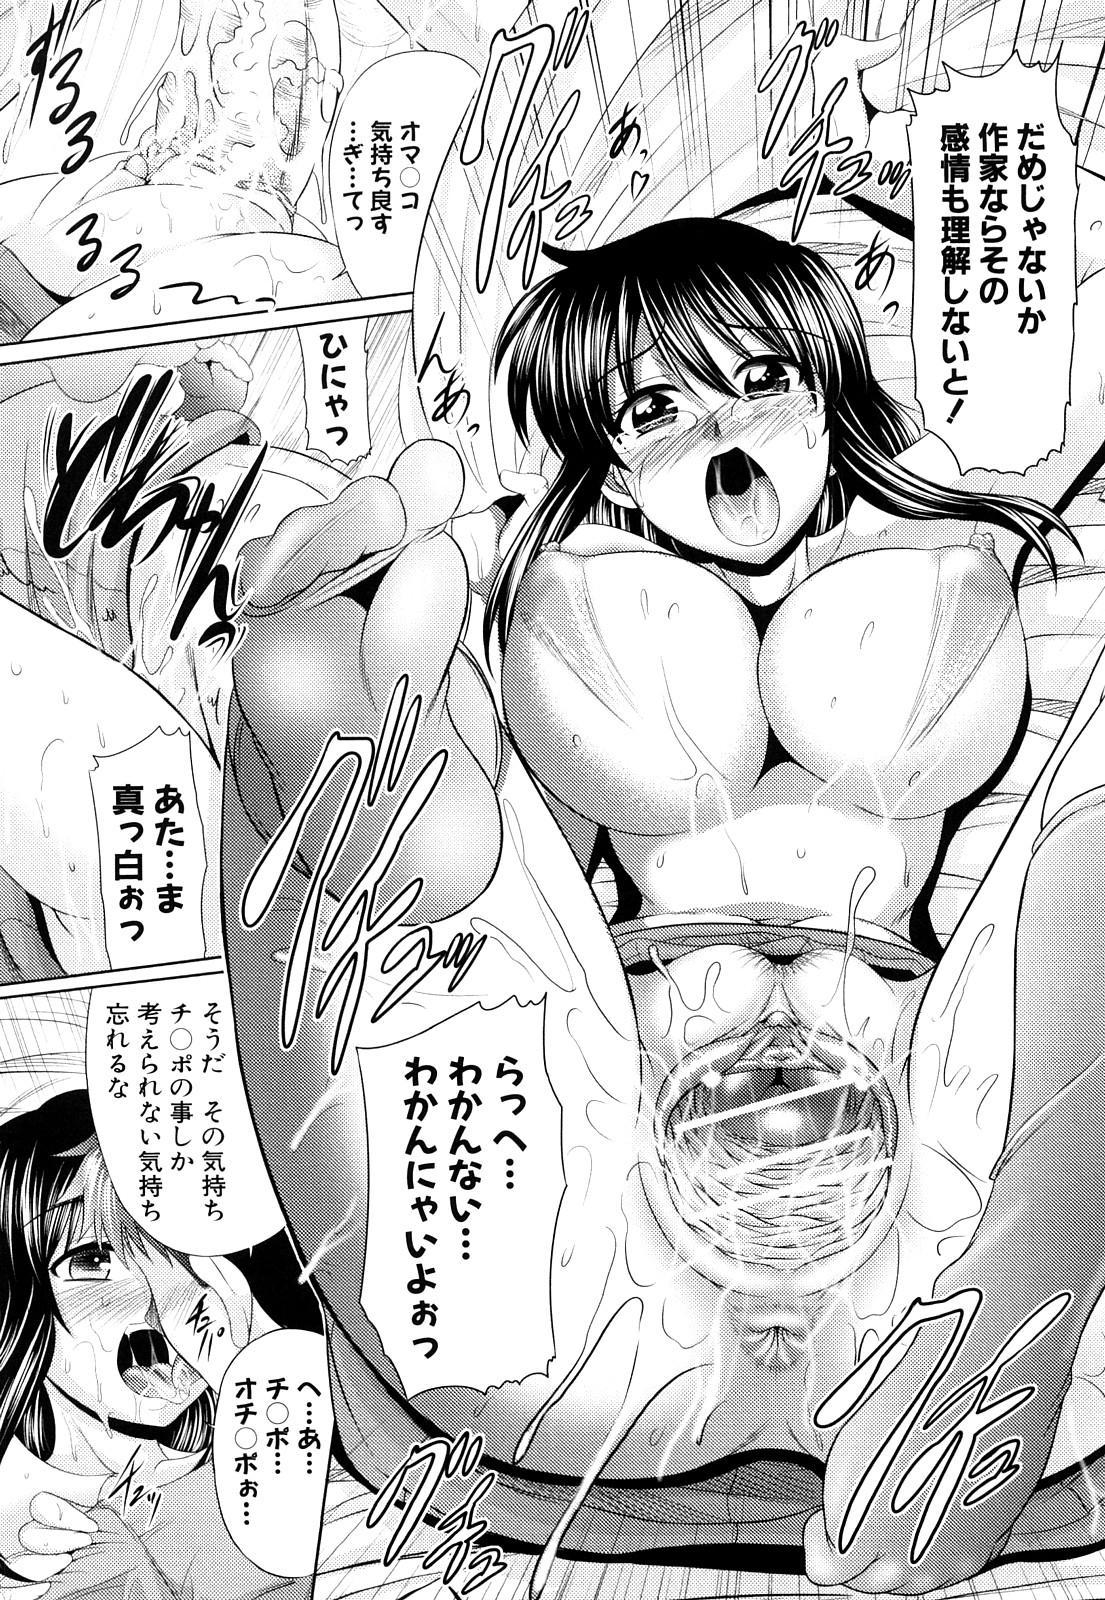 Nikuyoku Analyze 19